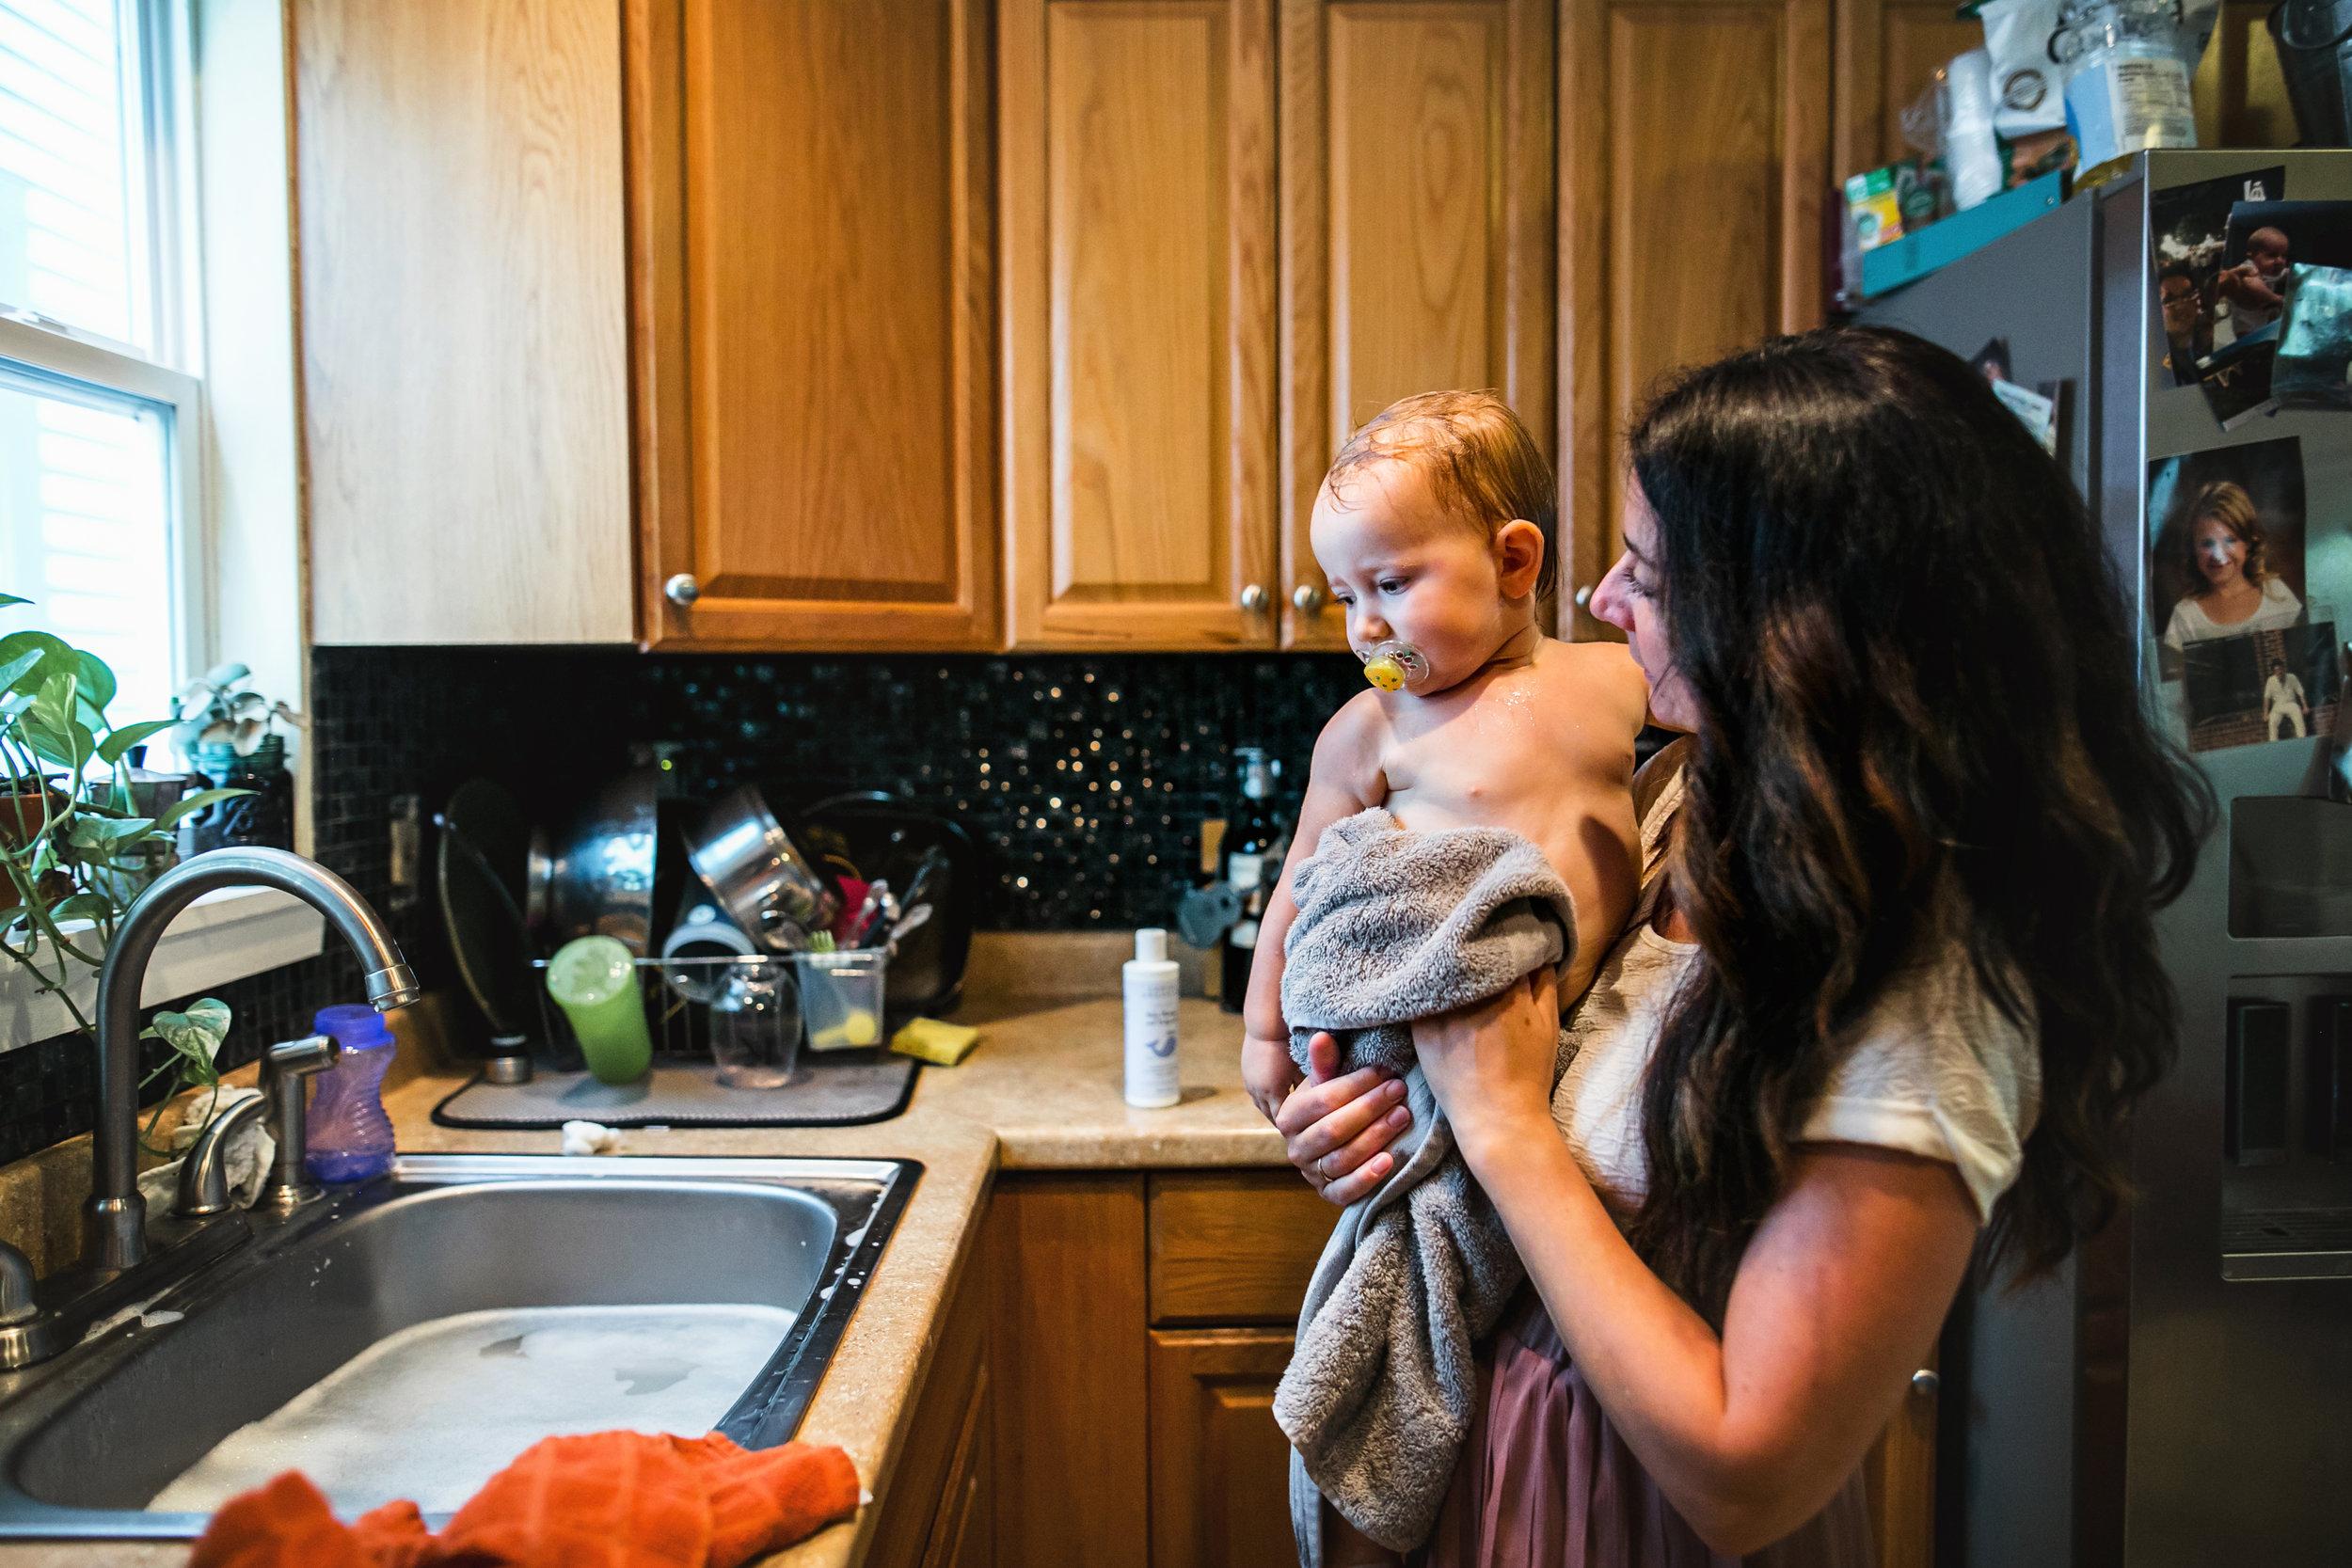 mom dries baby after bath in kitchen sink-(ZF-0126-04493-1-046).jpg